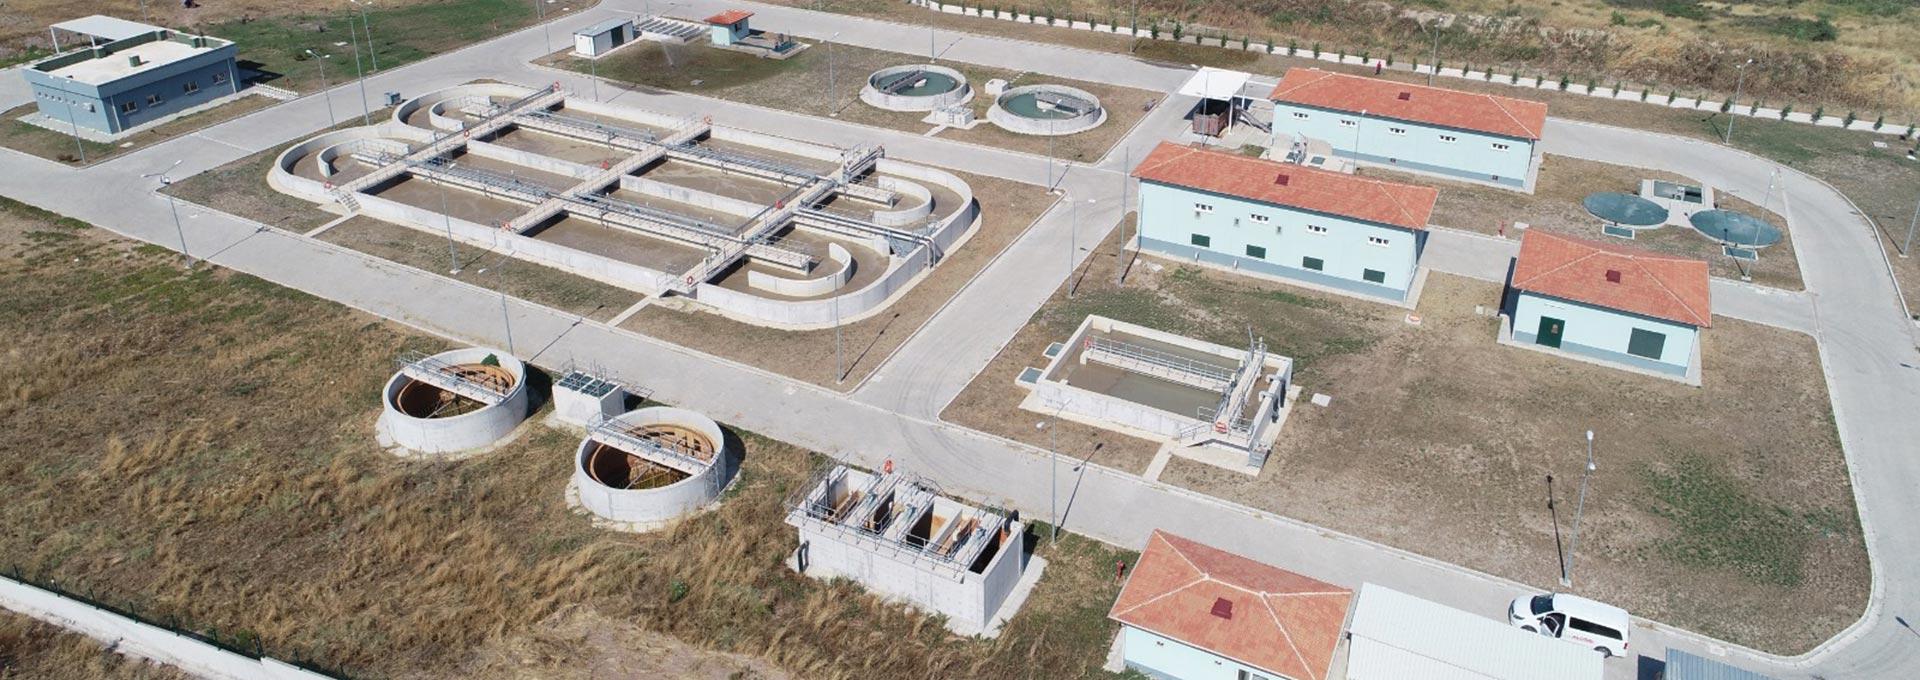 Aliağa OSB (İzmir) Kimyasal ve Biyolojik Atıksu Arıtma Tesisi